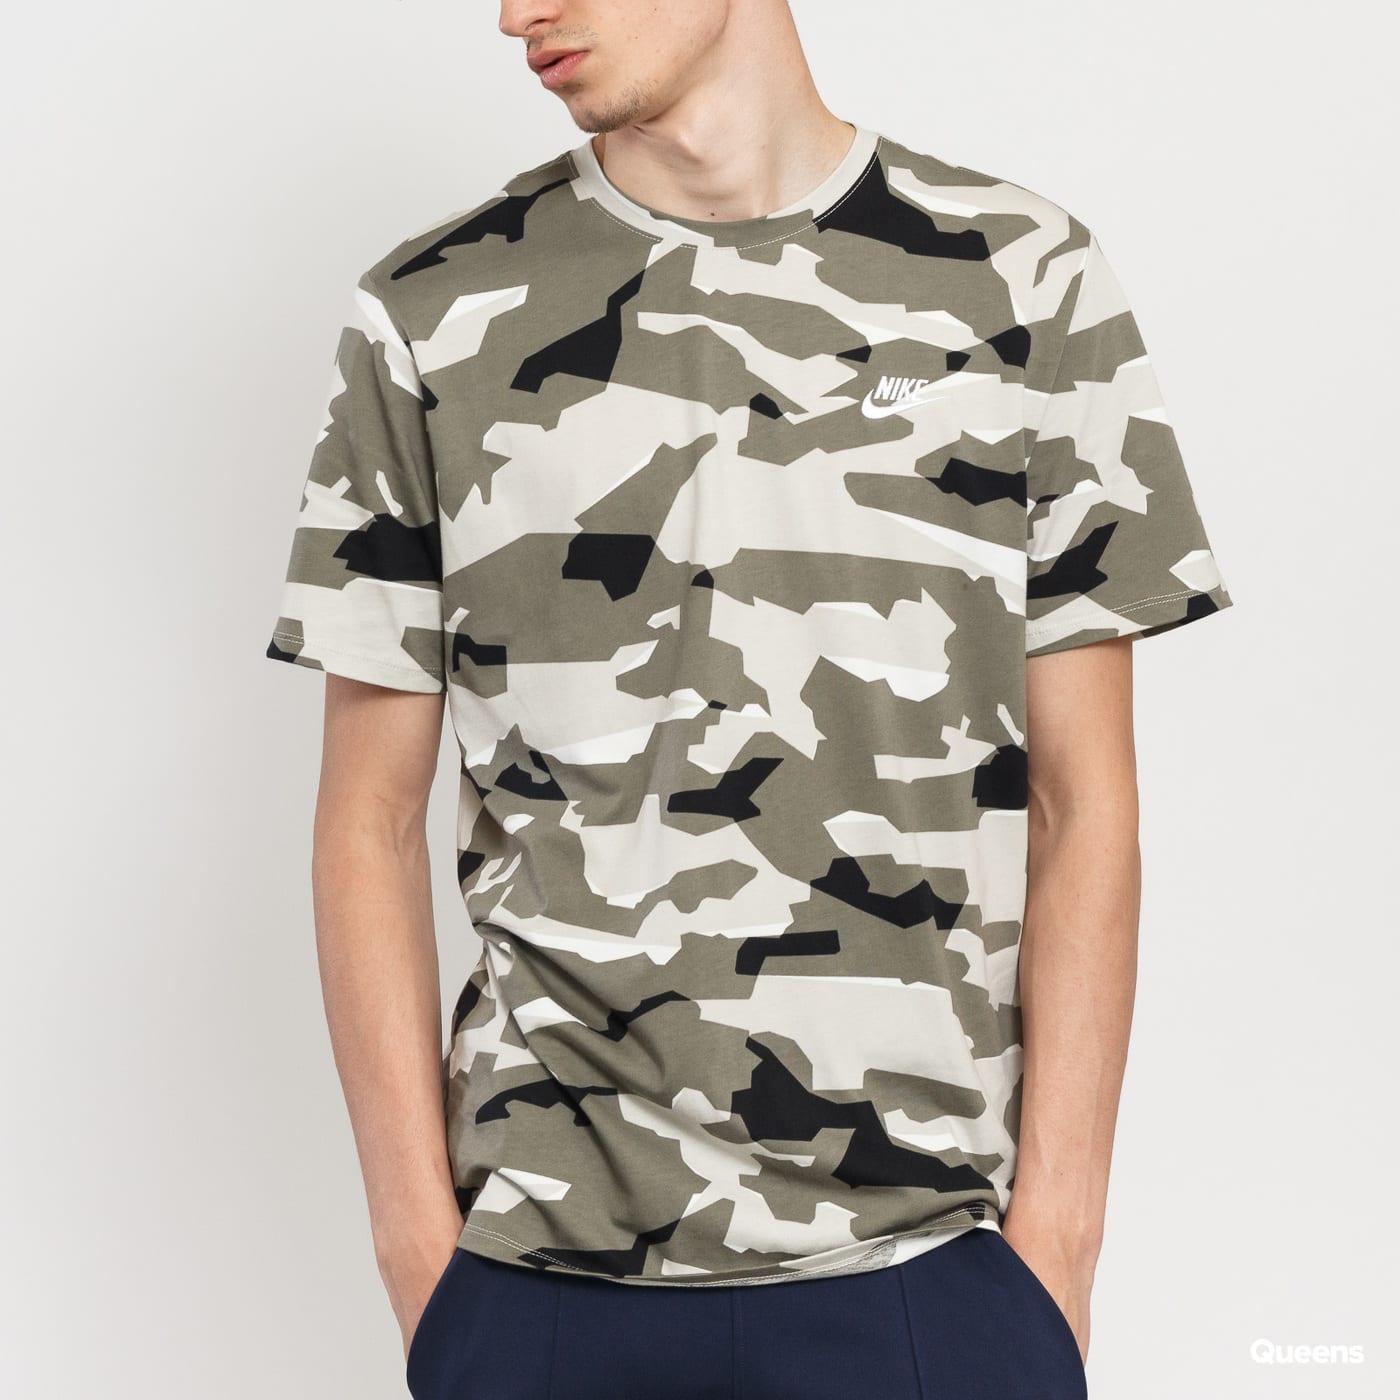 Tričko s krátkým rukávem Nike M NSW Tee Camo Pack 1 (AJ6631-133 ... 2332504dca4